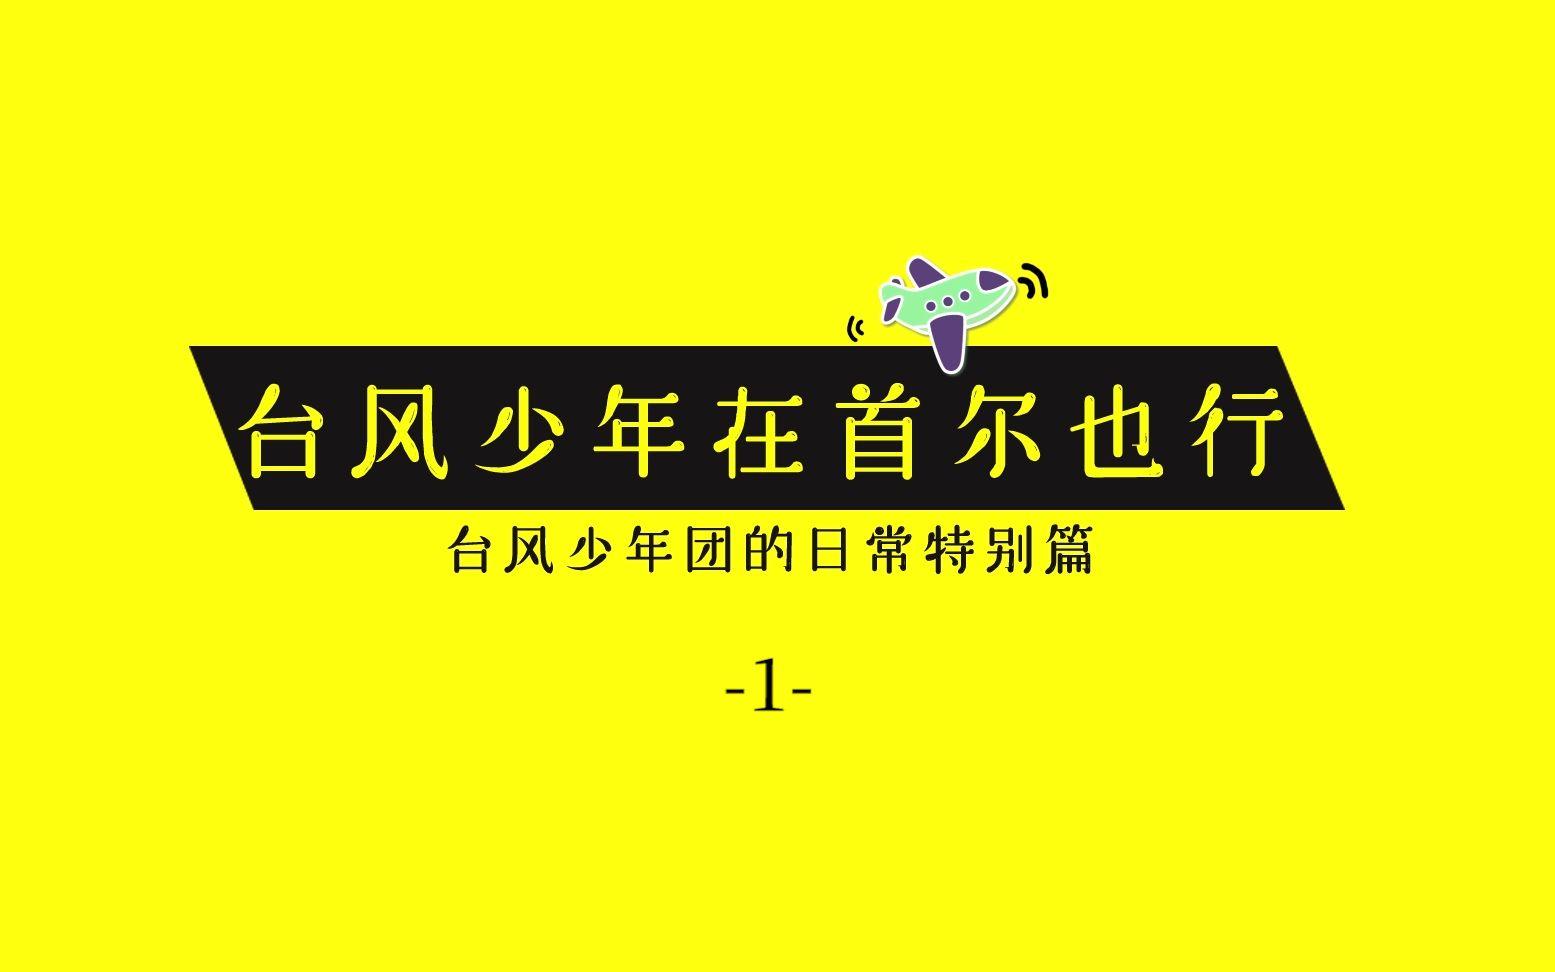 【TYT】台风少年在首尔也行01: 亚轩惊喜突袭 台风席卷烤肉馆